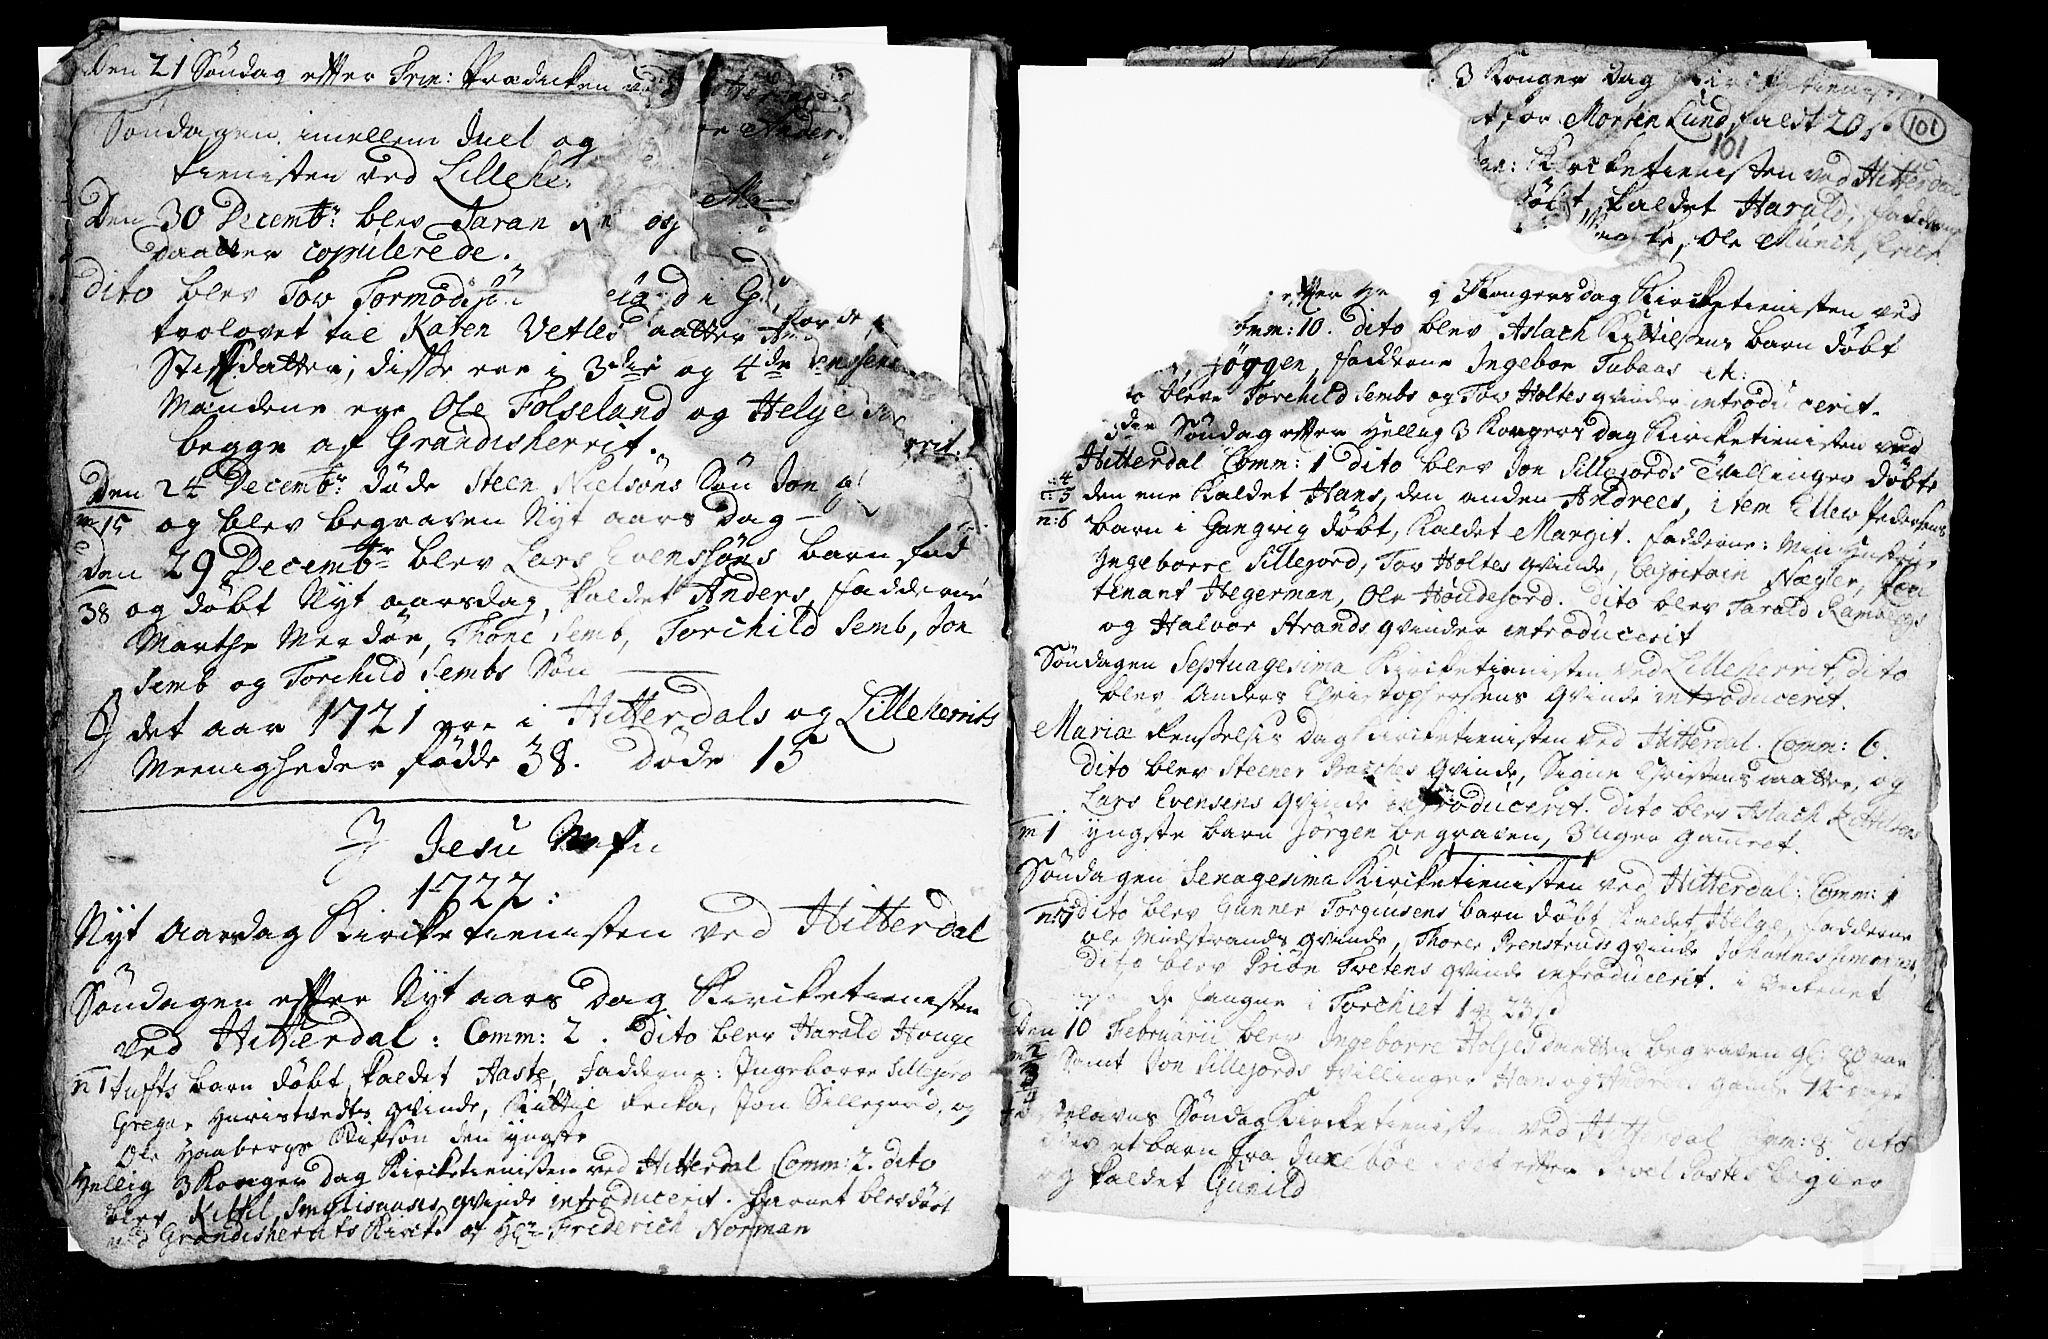 SAKO, Heddal kirkebøker, F/Fa/L0002: Ministerialbok nr. I 2, 1699-1722, s. 101